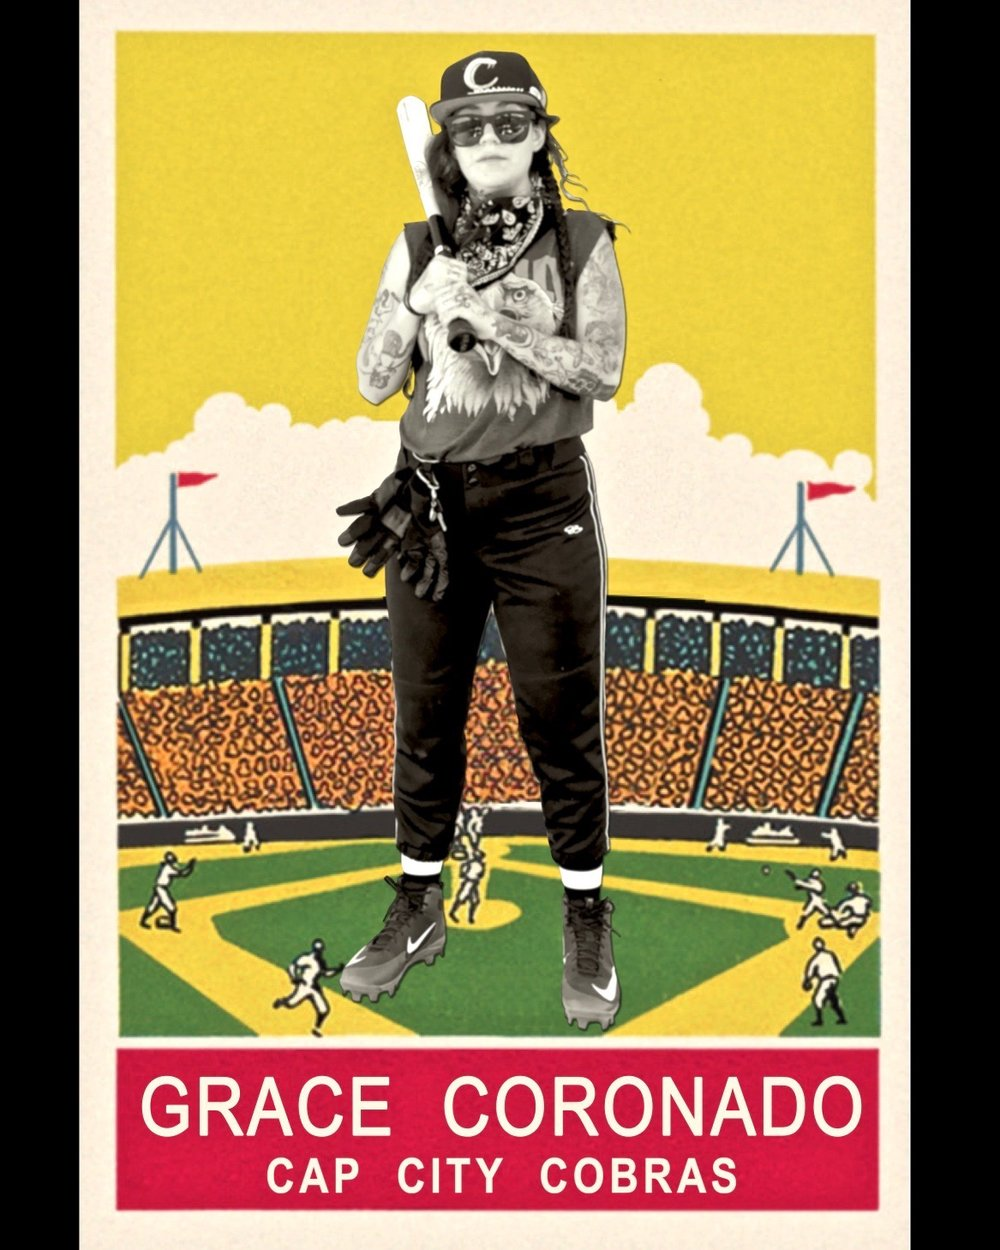 #35 - Grace Coronado